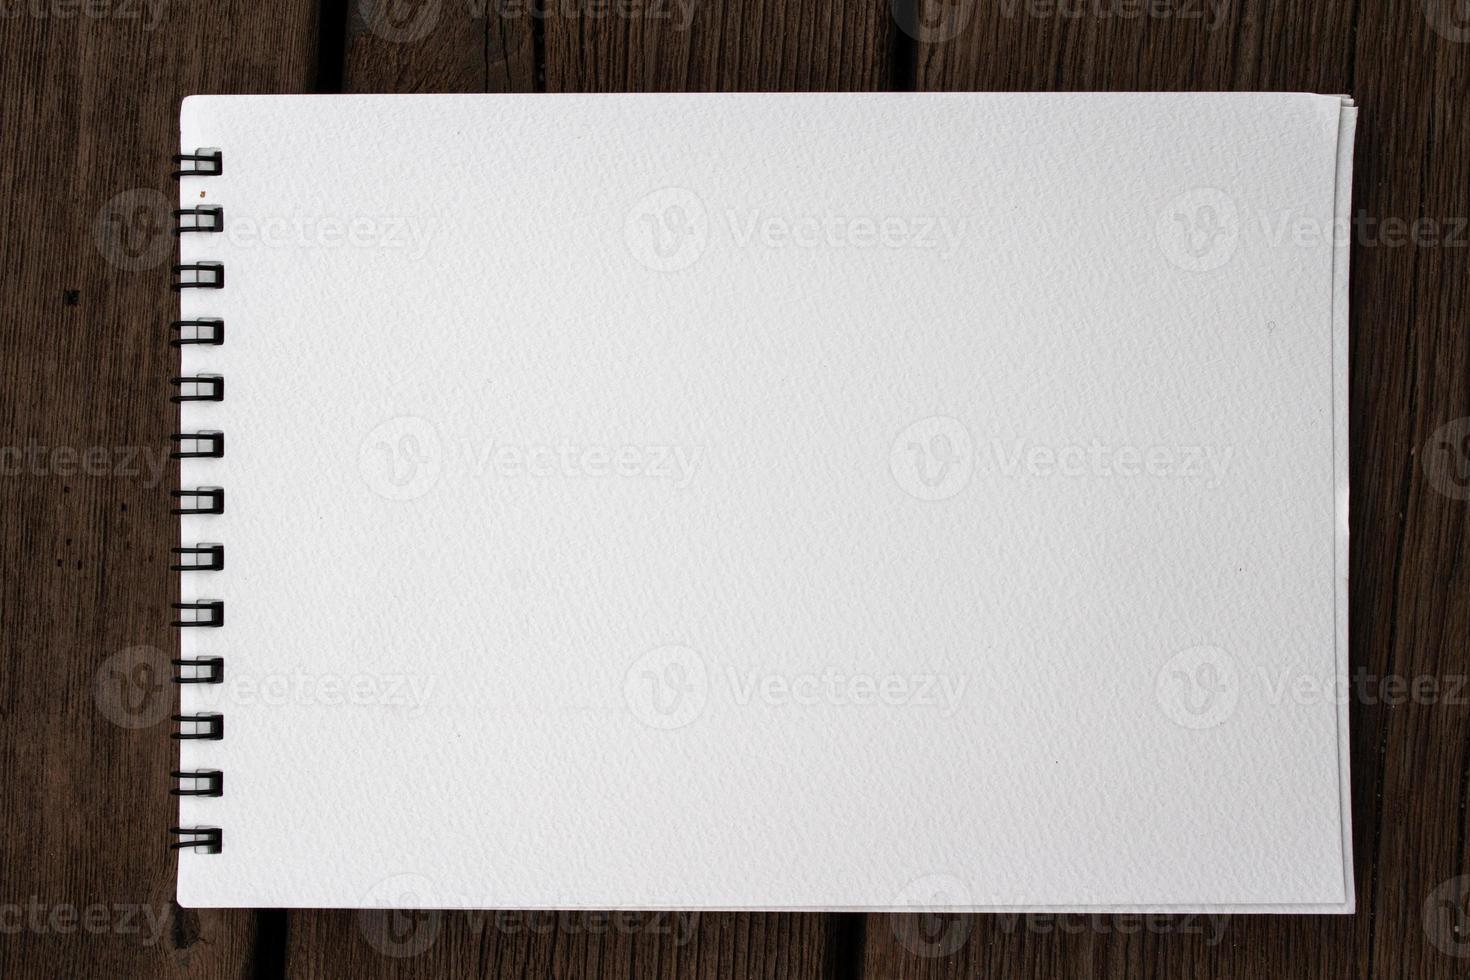 lege vijver papier realistische spiraal Kladblok notebook op houten bankje foto